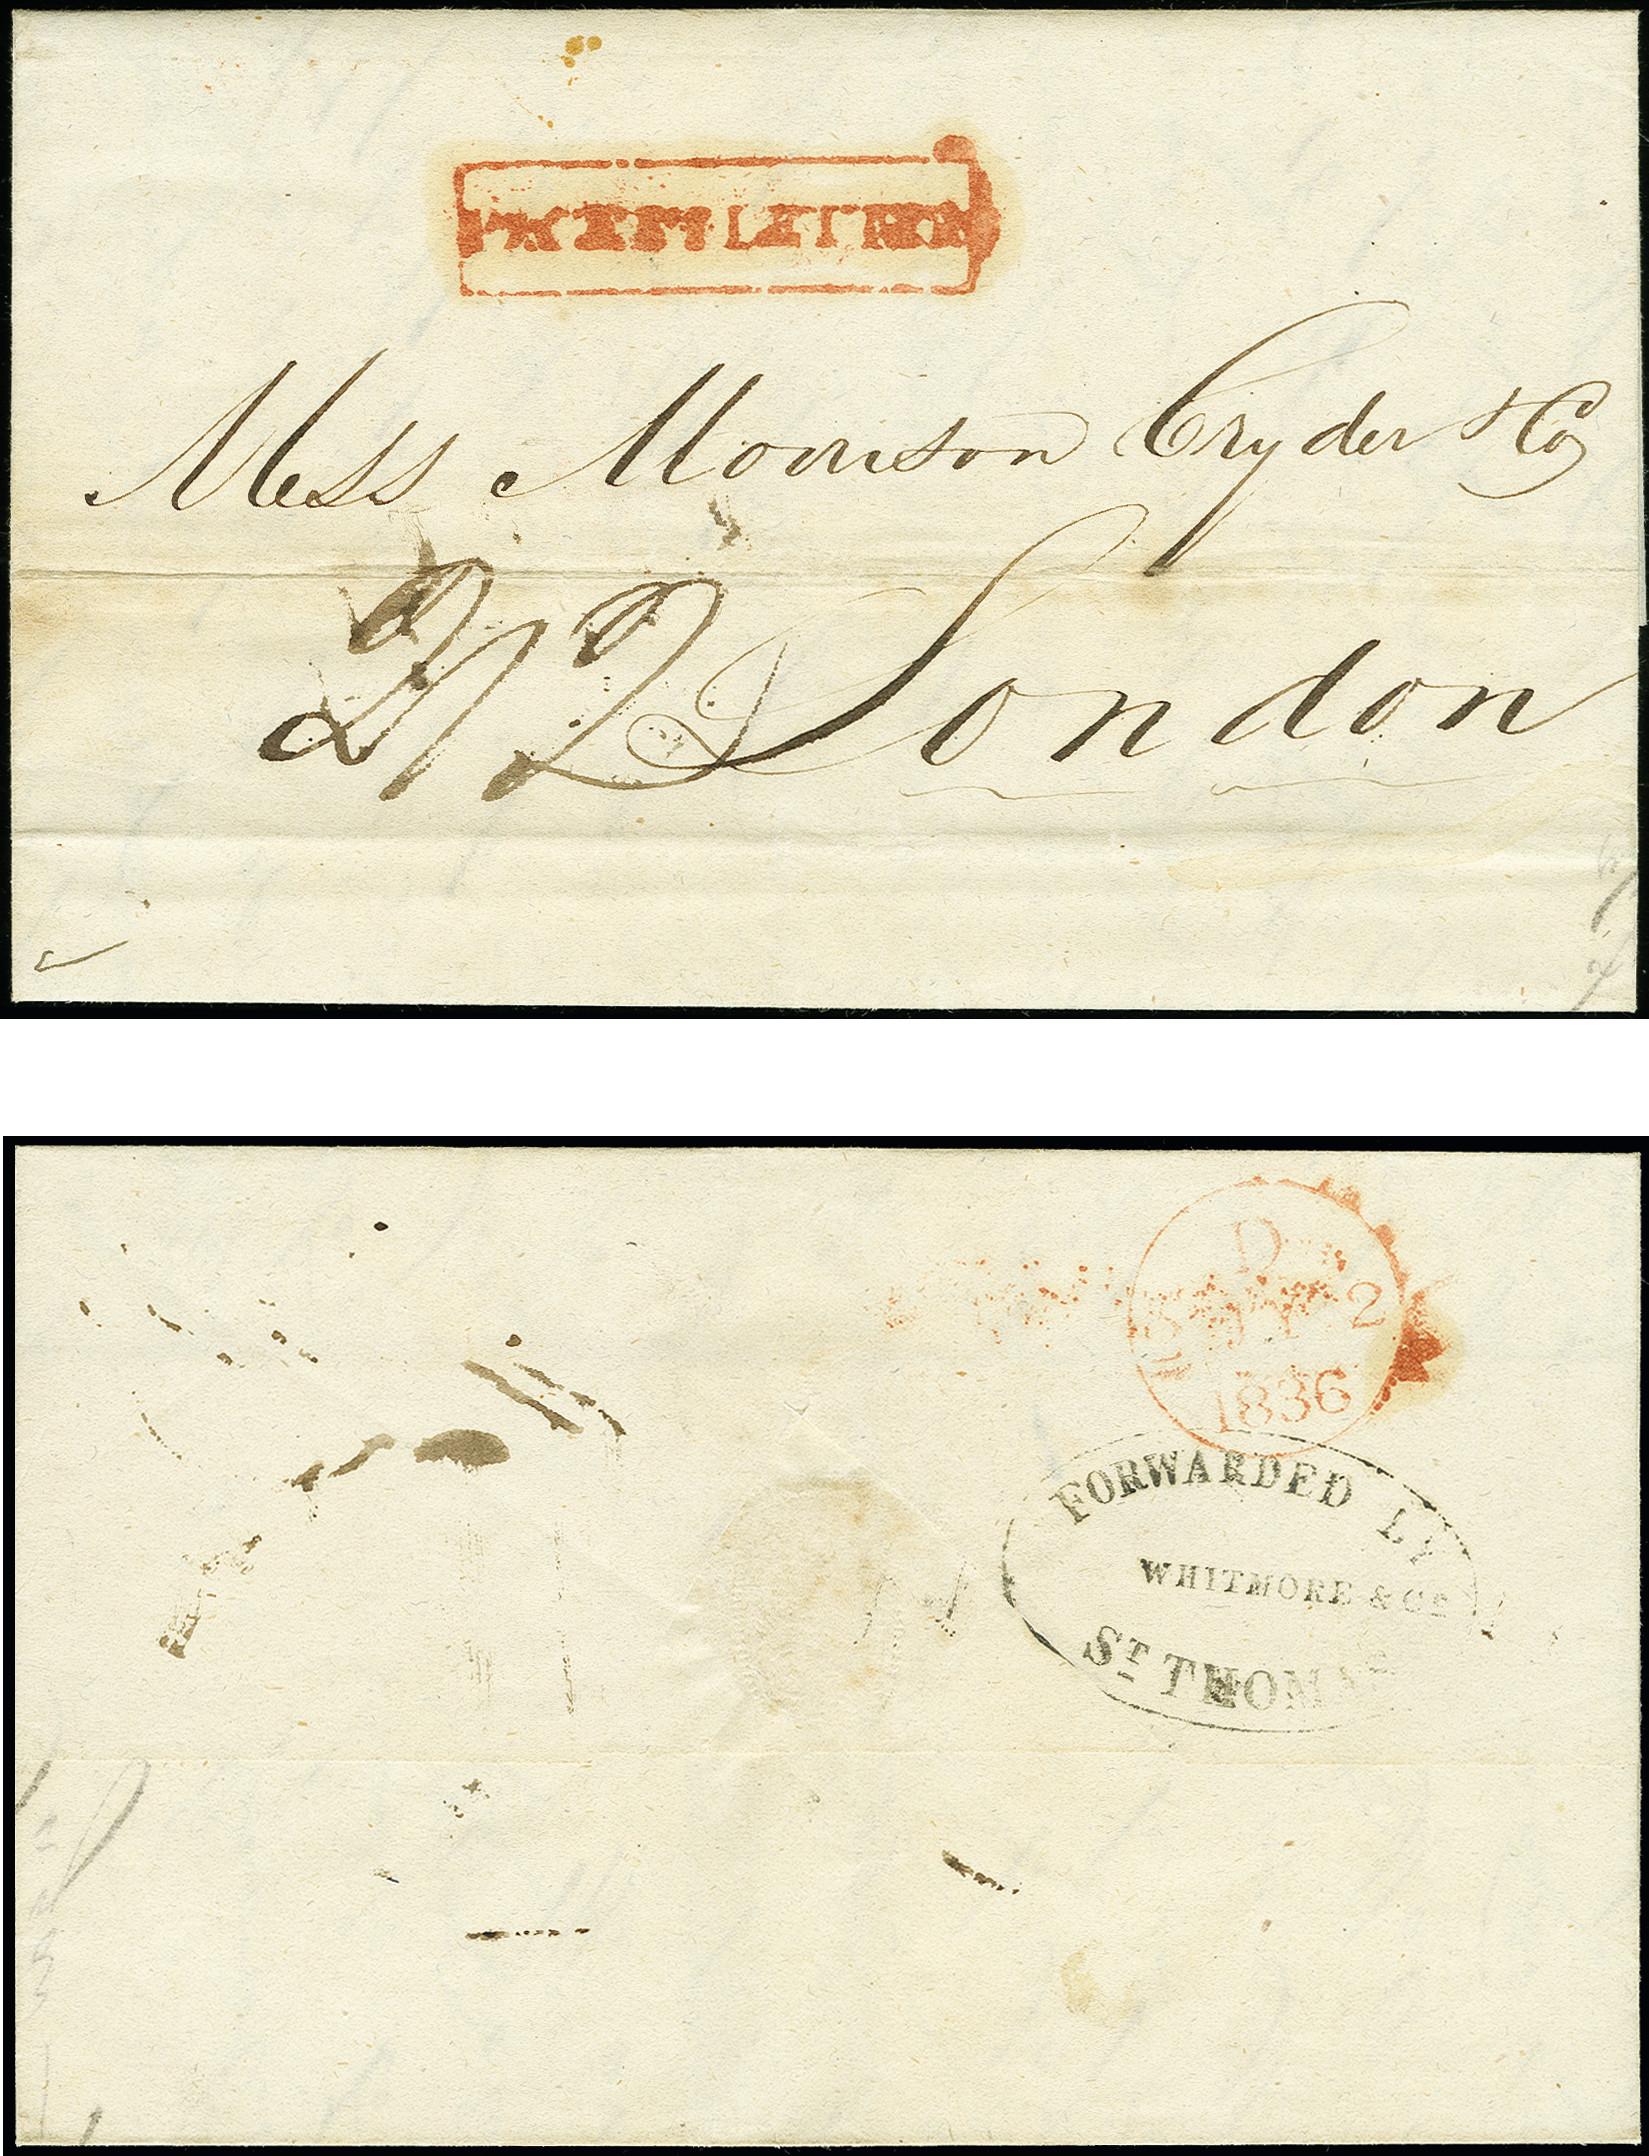 Lot 1261 - europa danish west indies -  Heinrich Koehler Auktionen 375rd Heinrich Köhler auction - Day 1